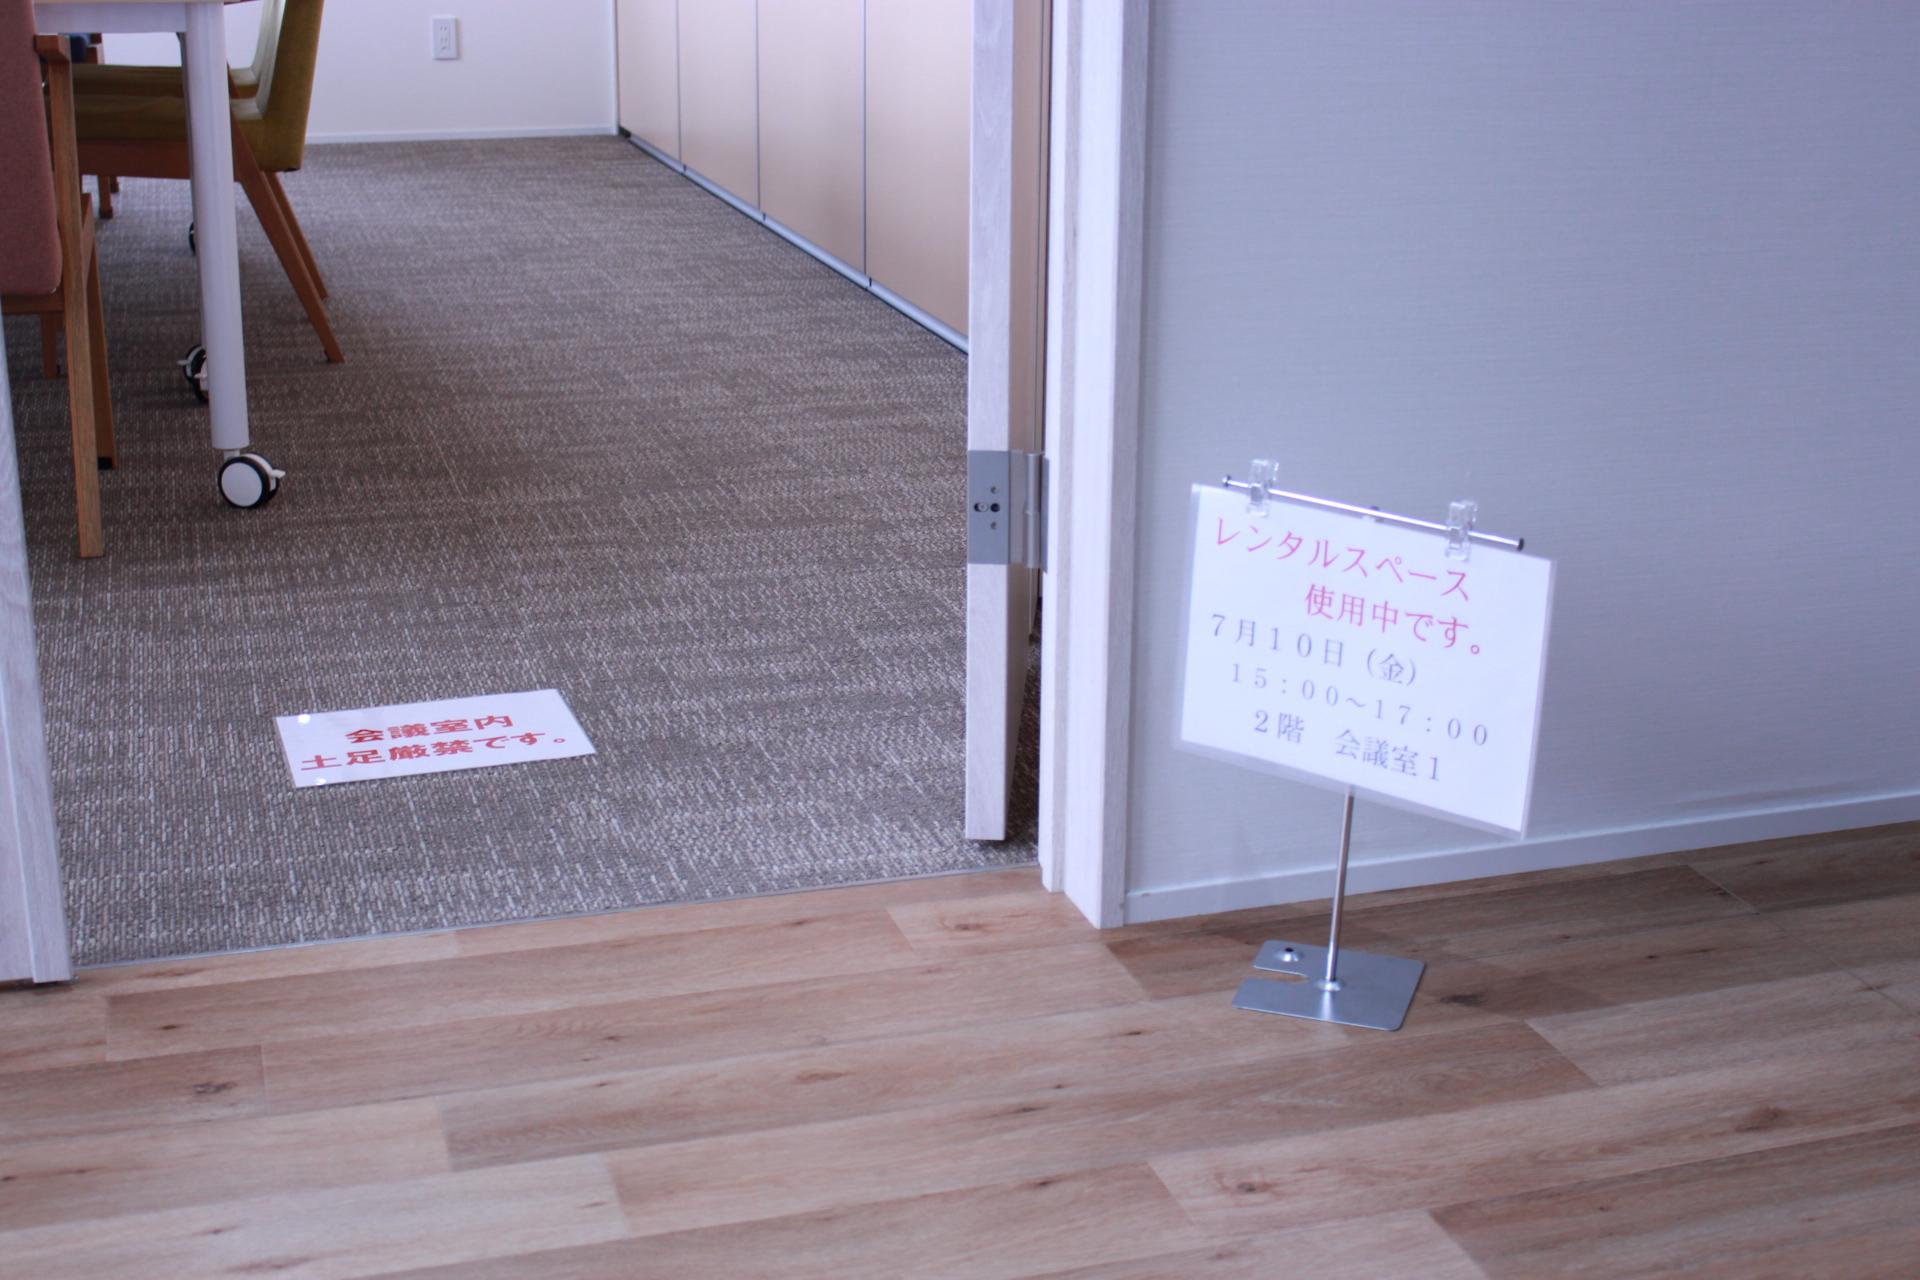 会議室、ラウンジ、ウッドデッキ、和室など一部設備をレンタルスペースとして貸出しています。